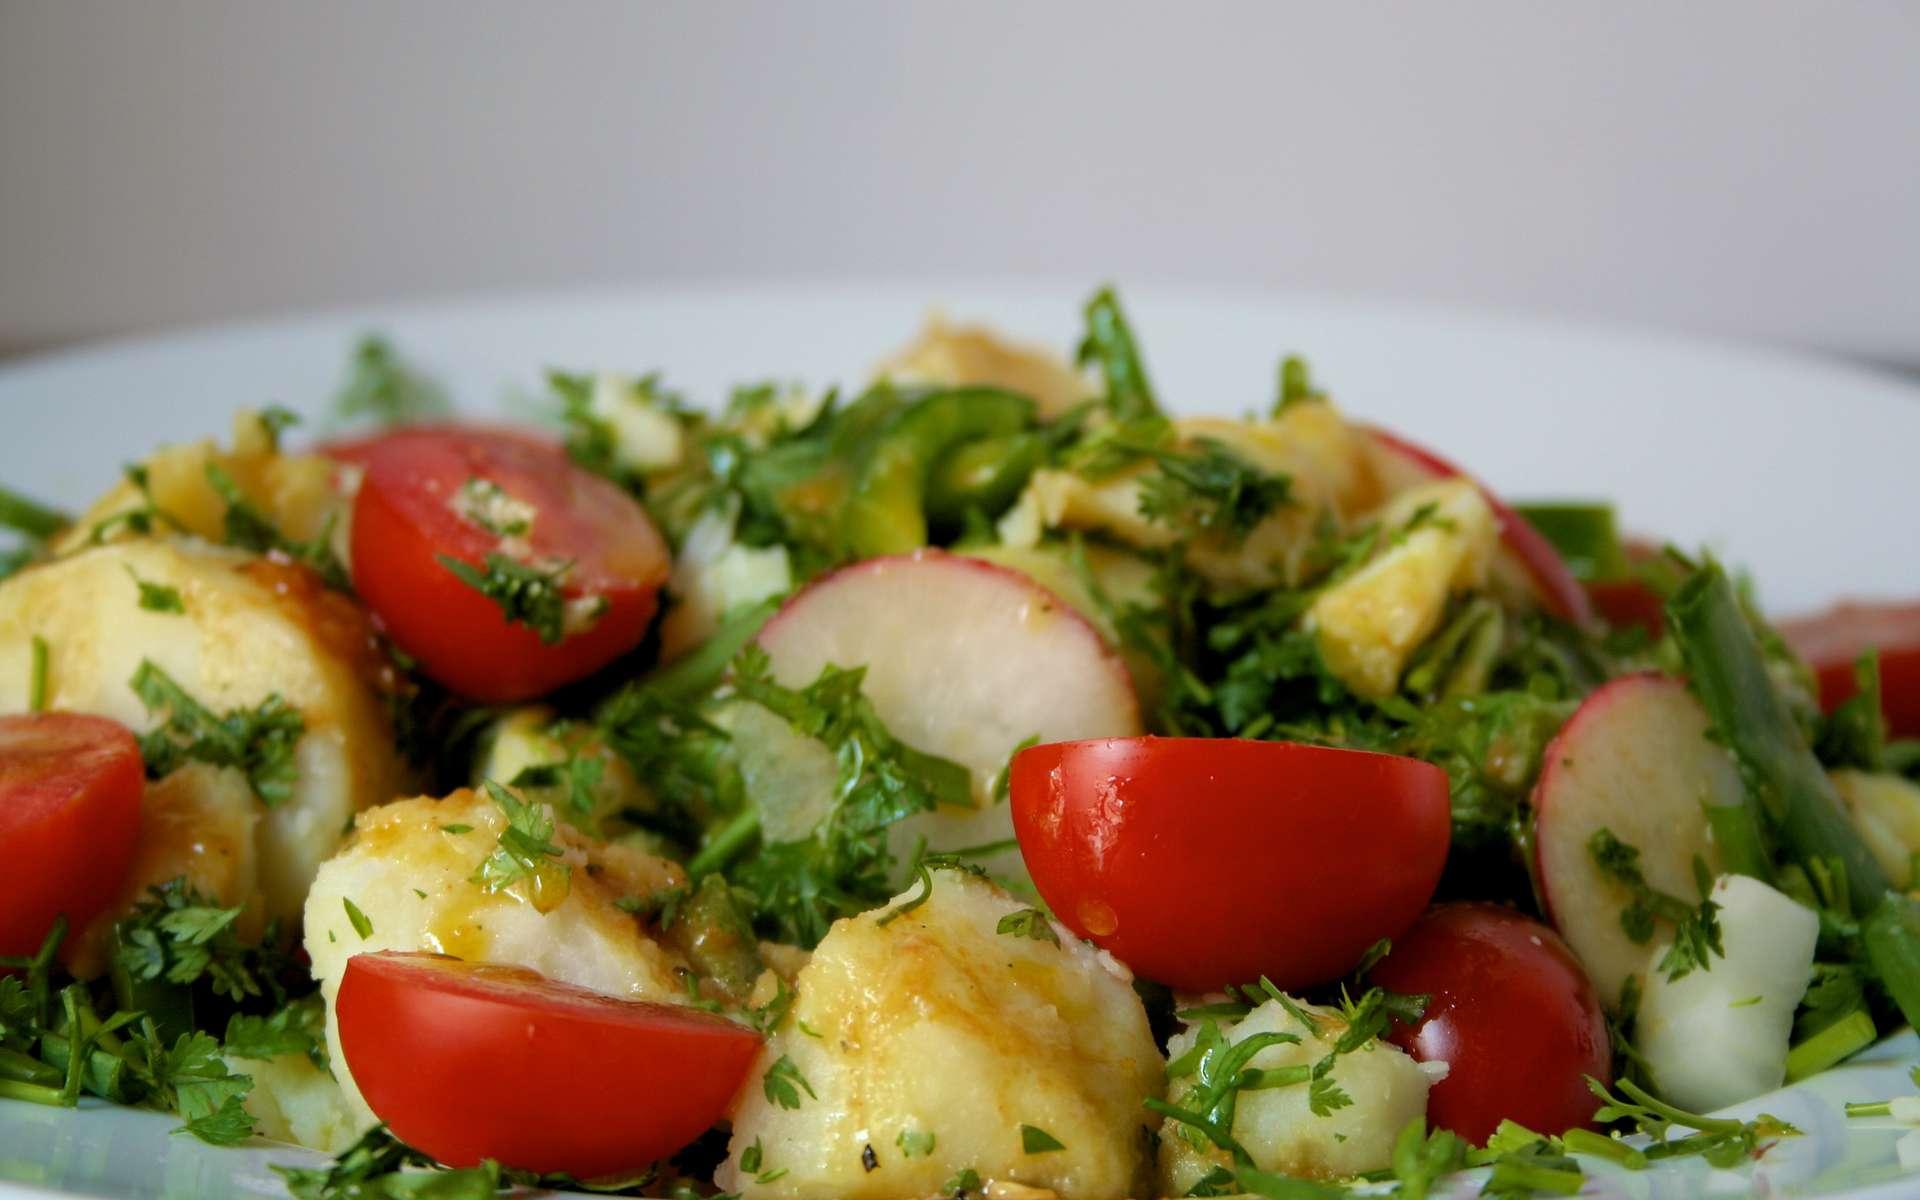 Que faut-il manger pour maigrir ? C'est peut-être une question de génétique... © Cooking etc., Flickr, CC by 2.0